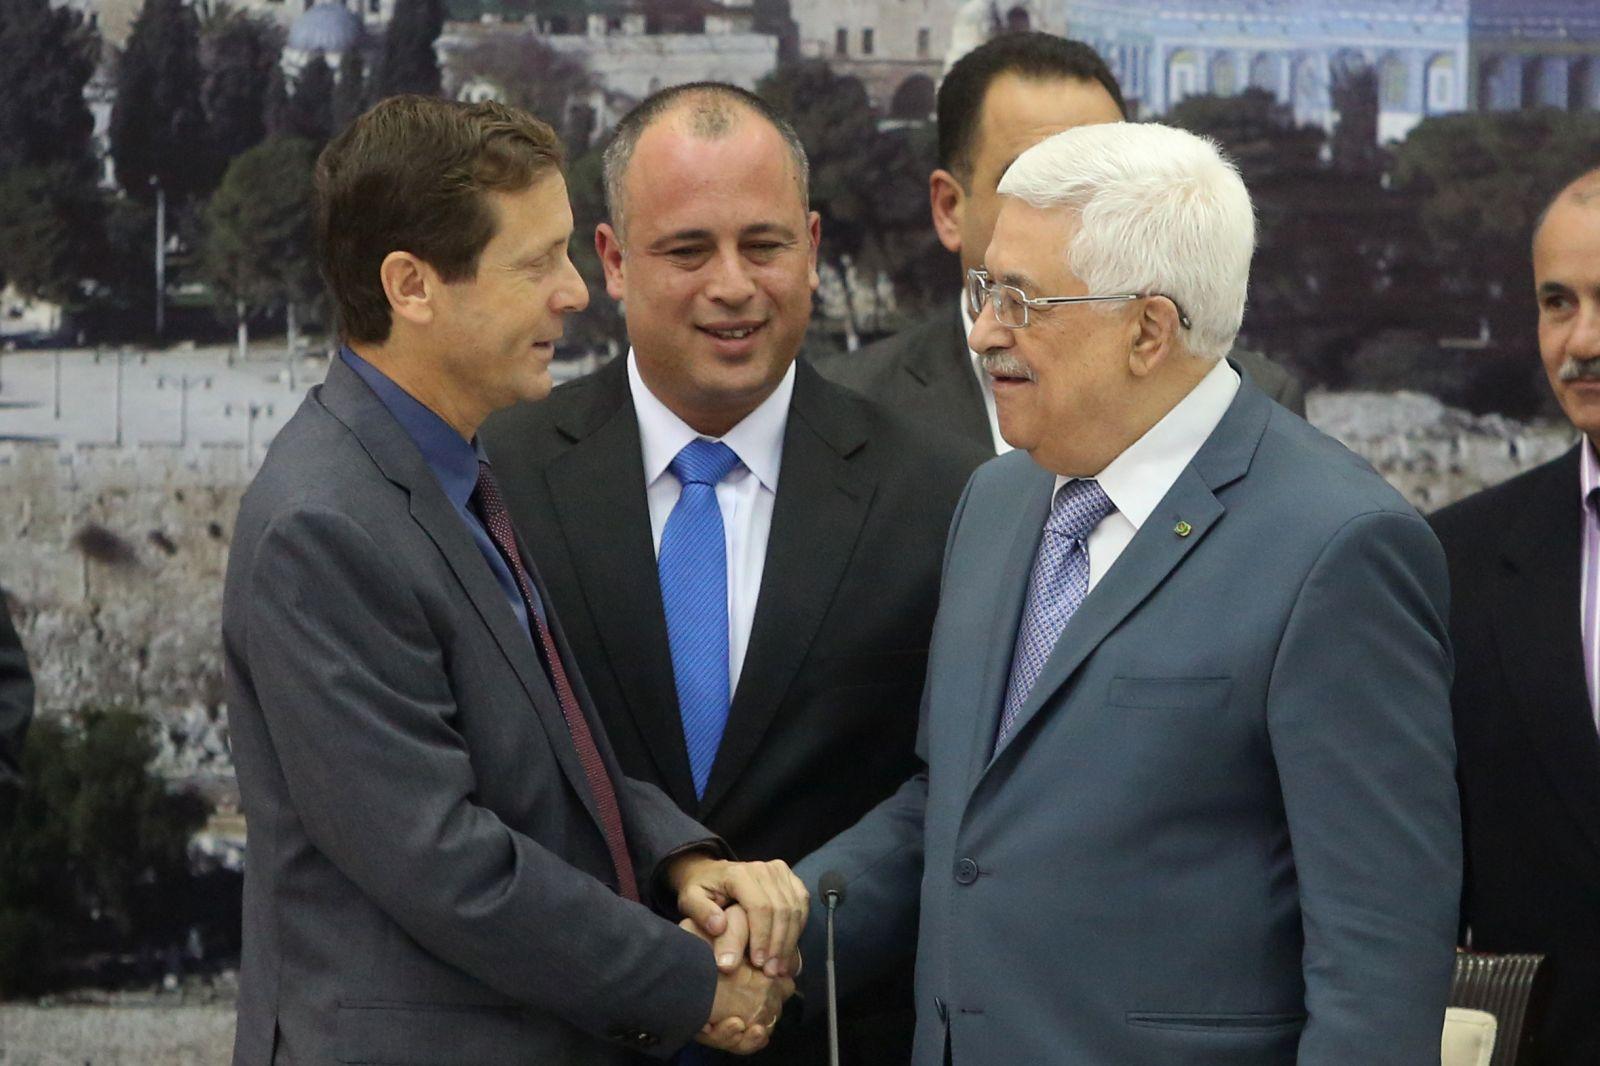 التلفزيون الإسرائيلي يكشف منح عباس السيادة على حائط البراق لتل أبيب